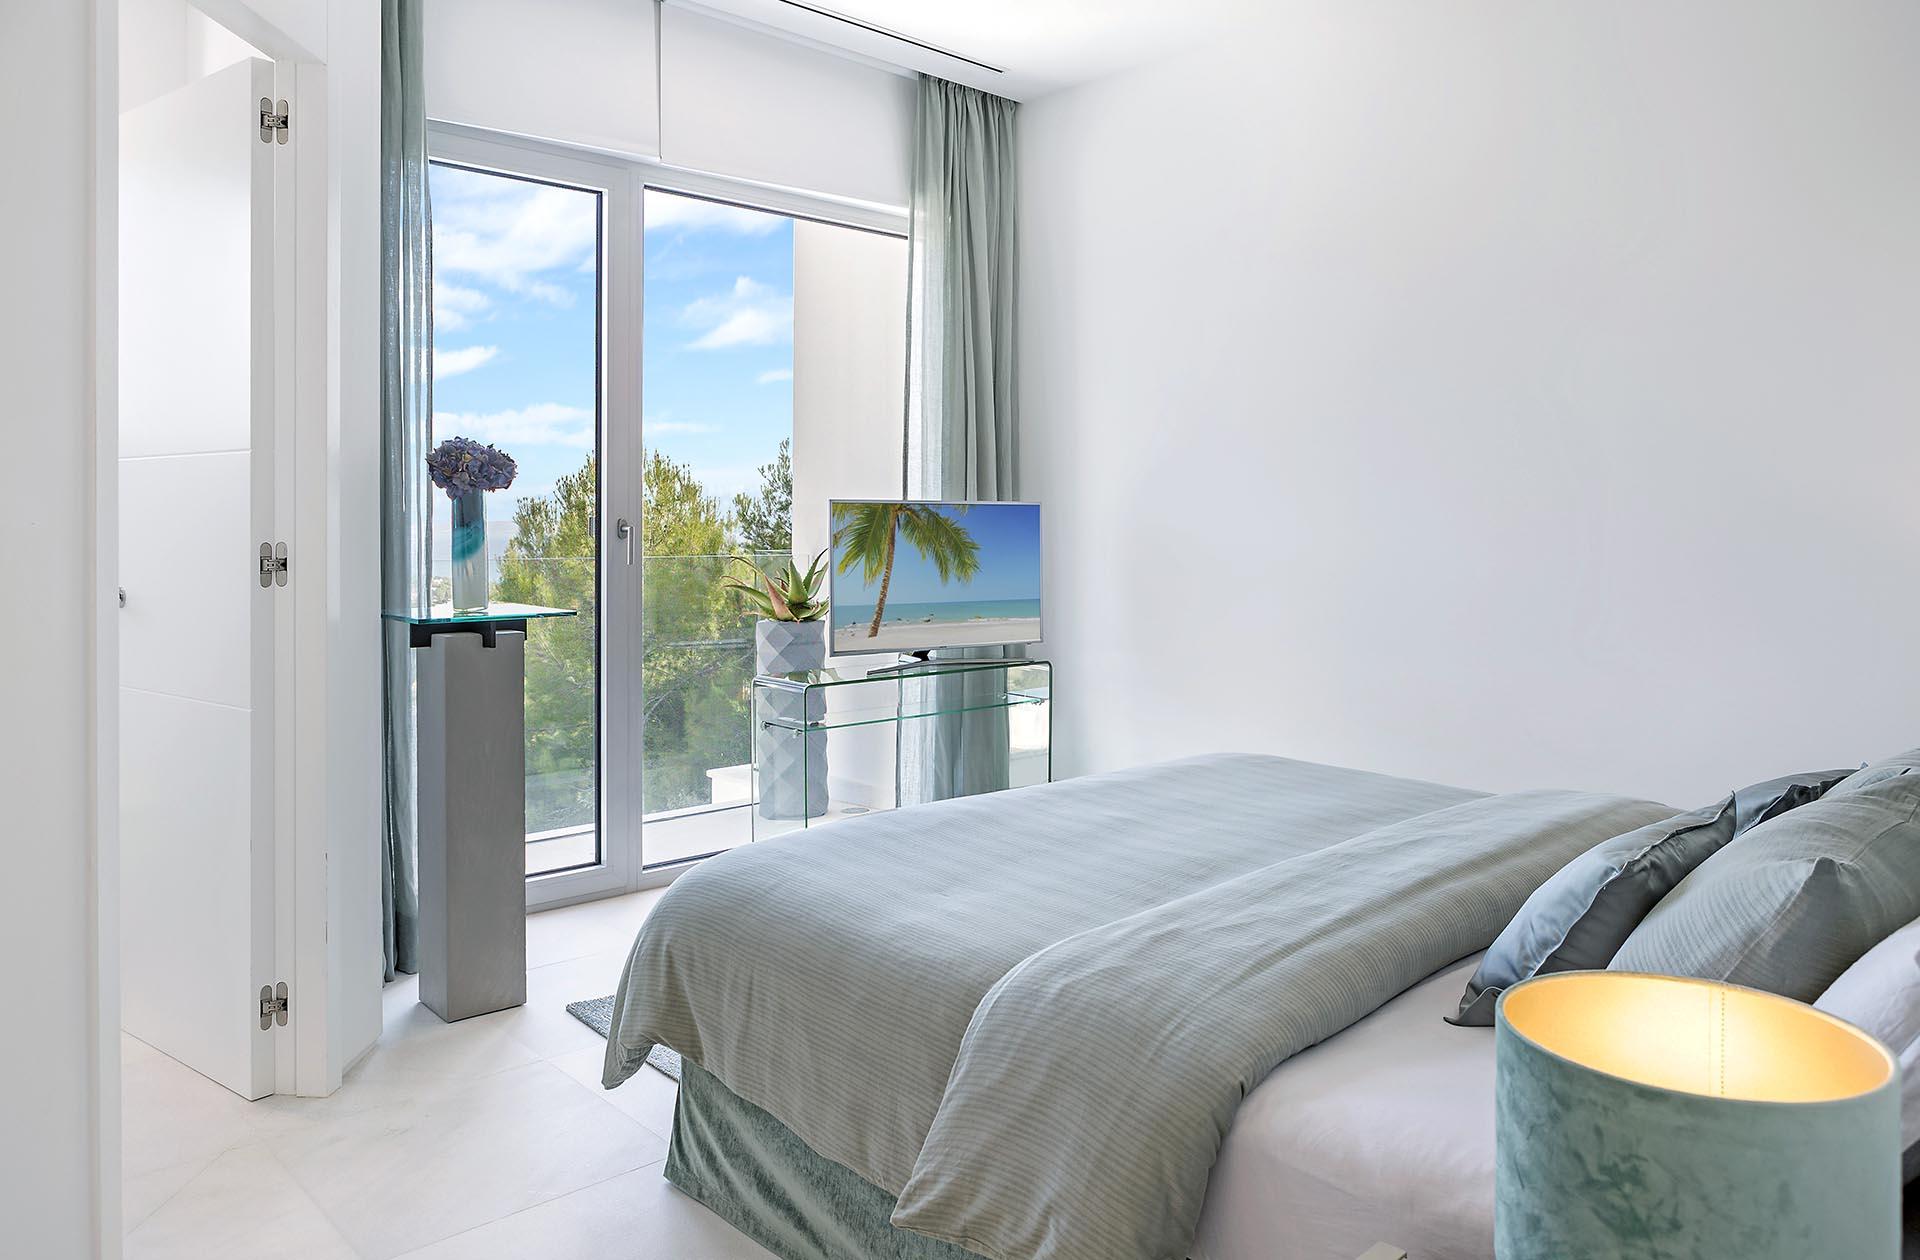 Traumhafte moderne Villa in Costa den Blanes - Helles Schlafzimmer